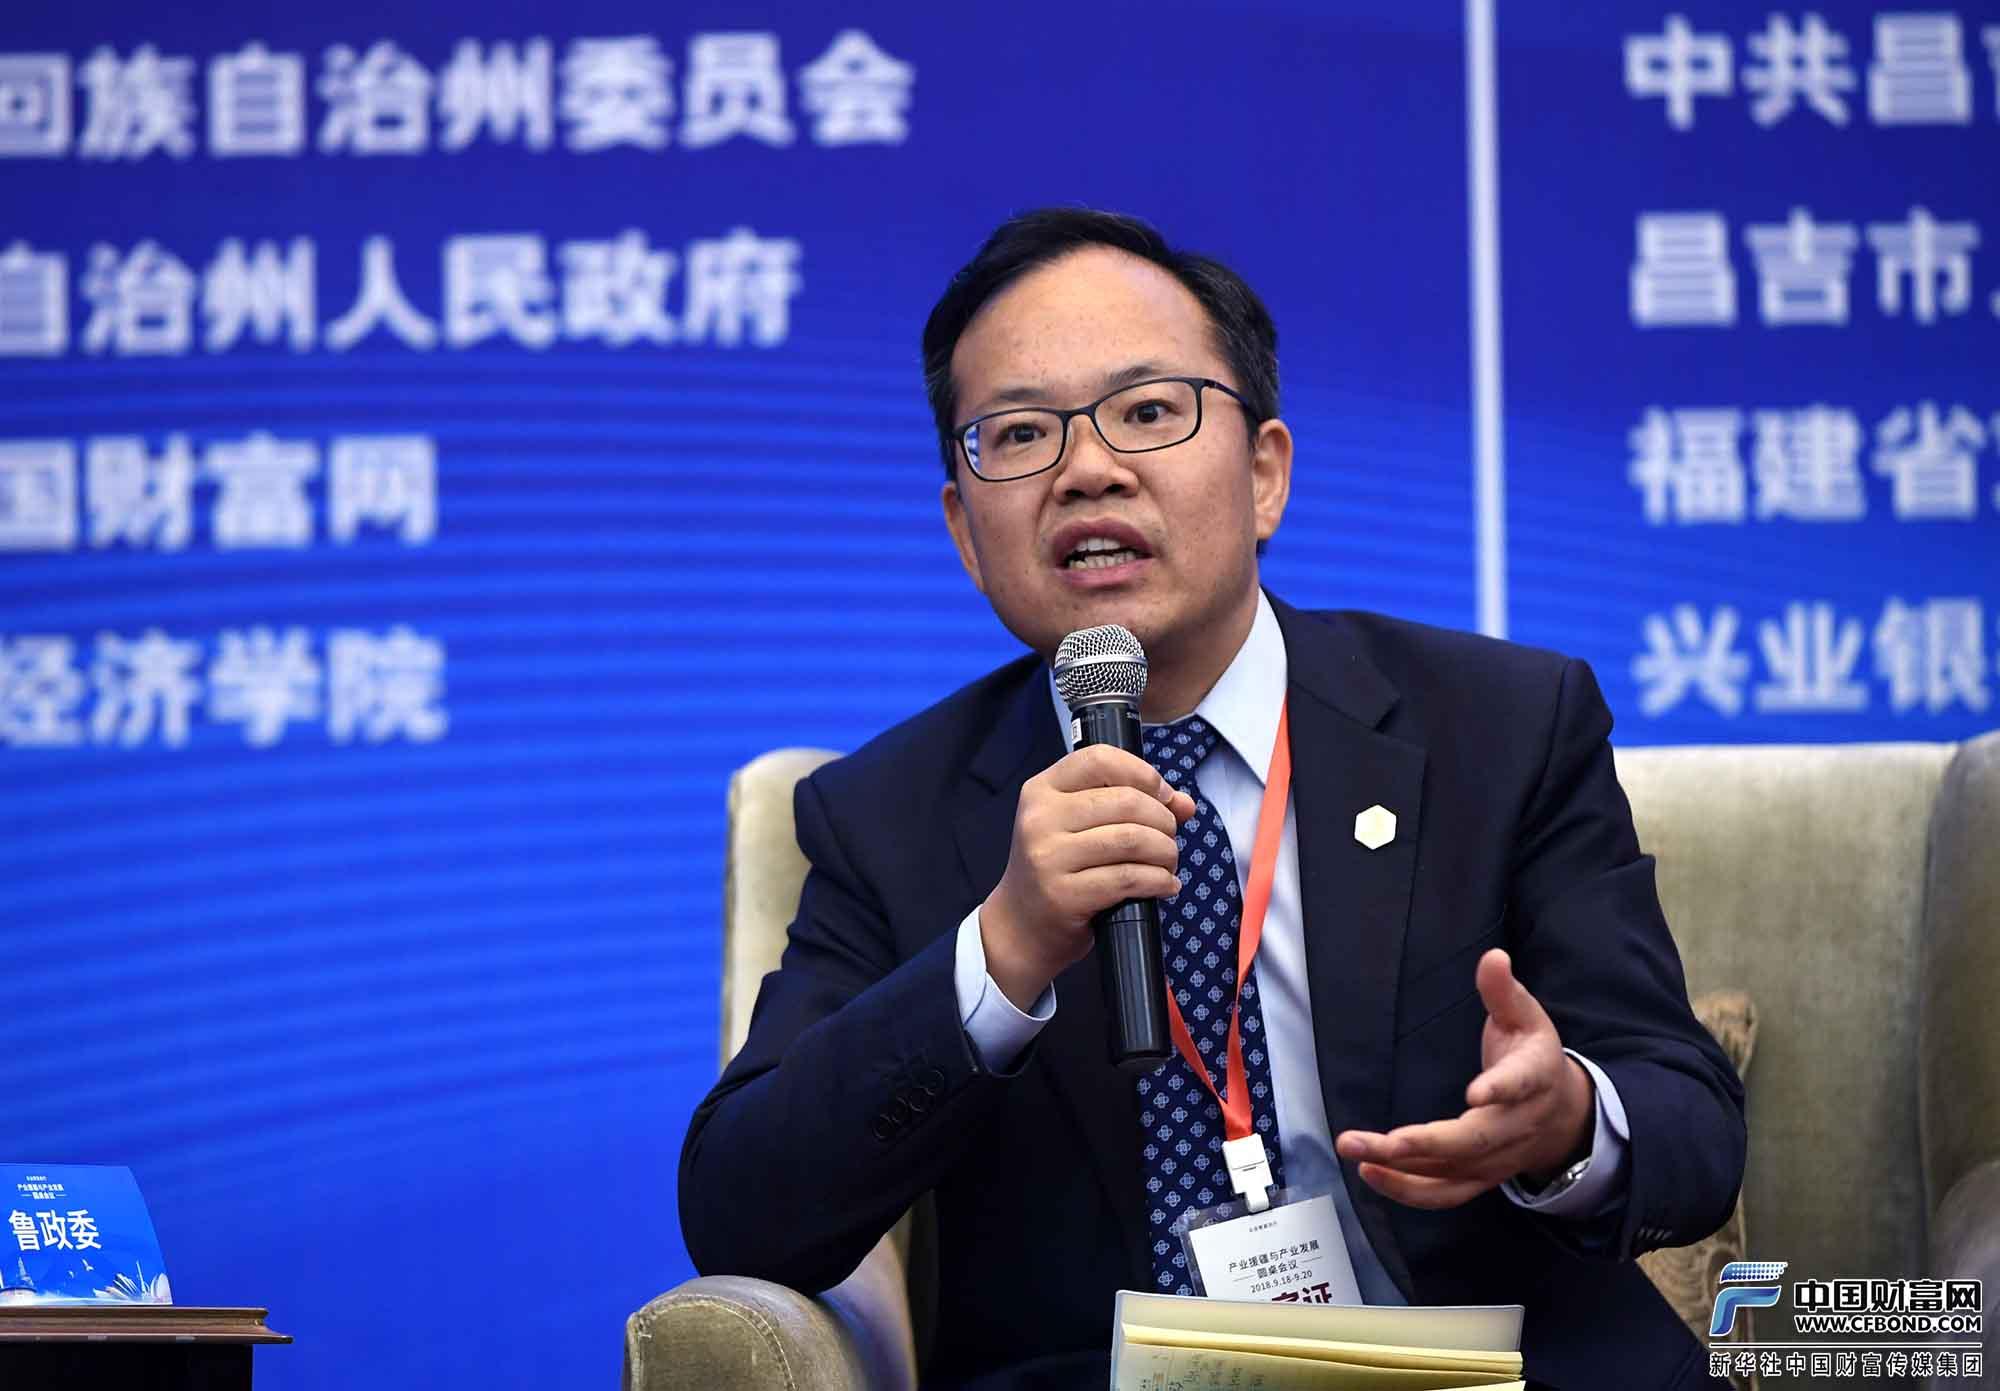 兴业银行首席经济学家鲁政委发言